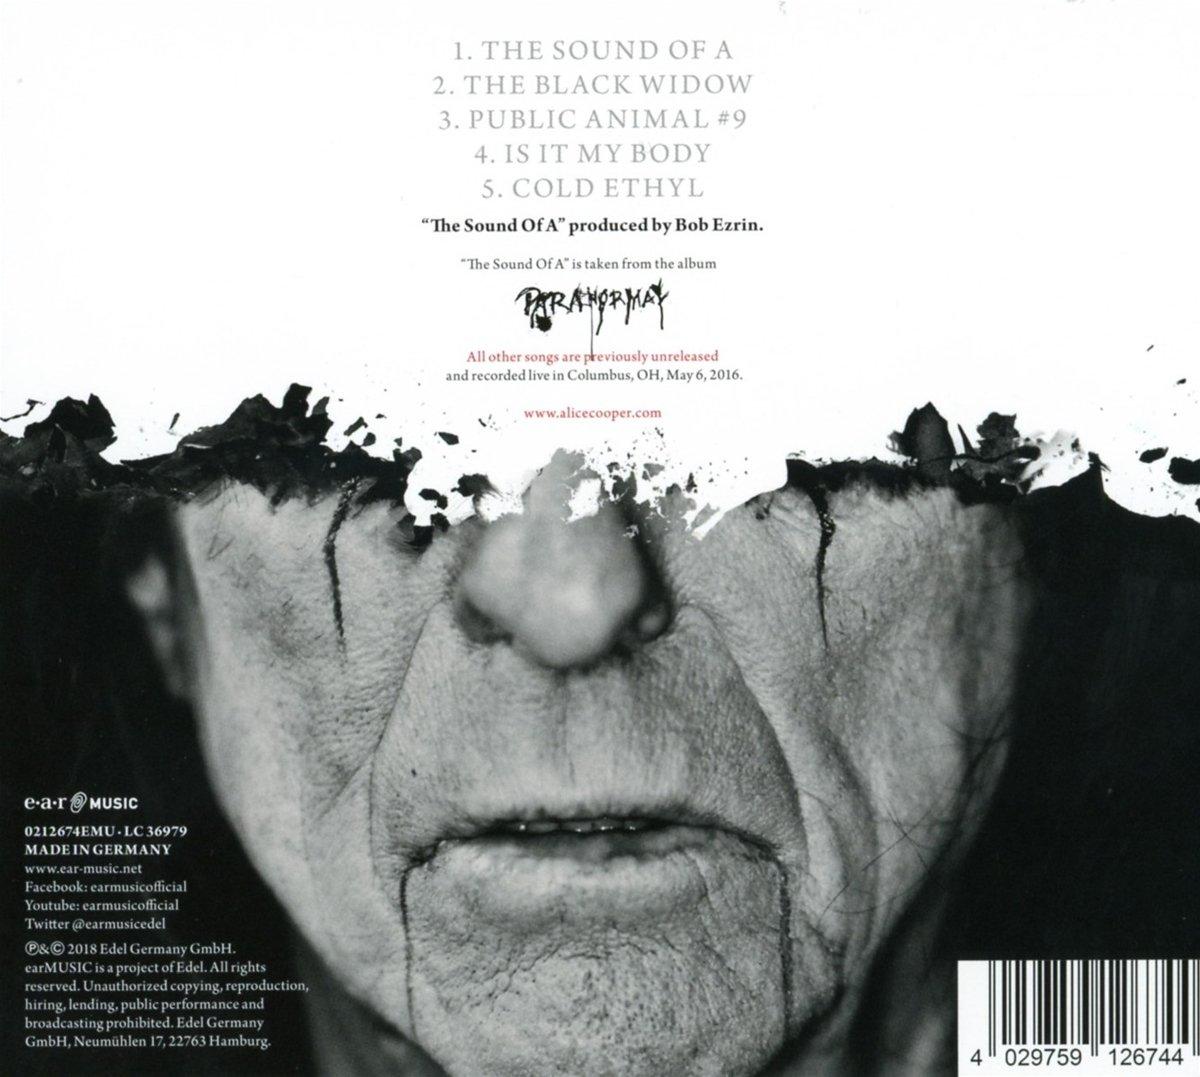 Alice Cooper reparte niños muertos - Página 6 71xyFbr1znL._SL1200_